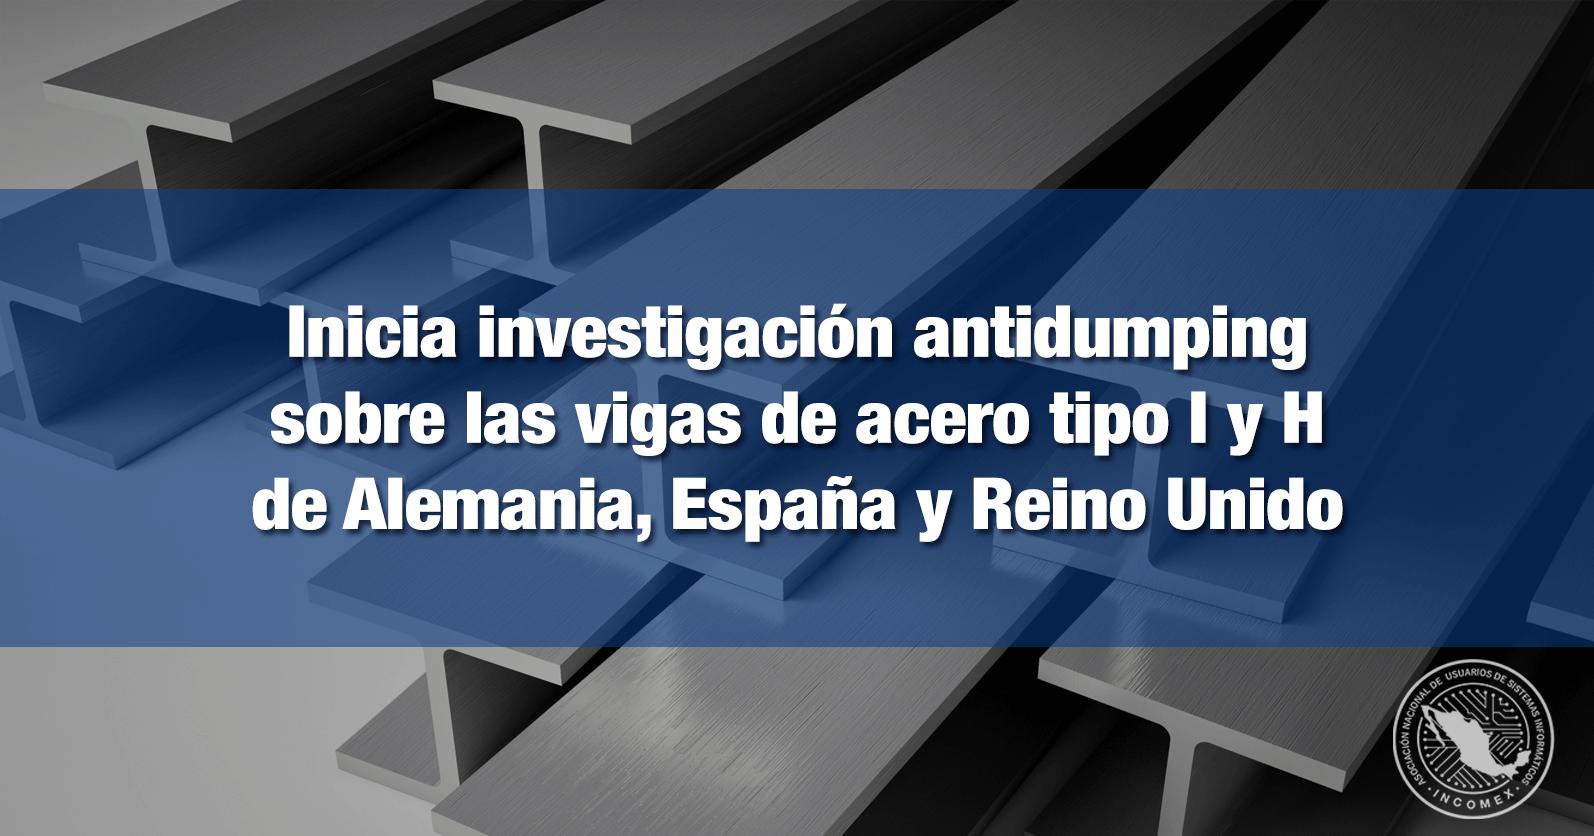 Inicia investigación antidumping sobre las vigas de acero tipo I y H de Alemania, España y Reino Unido